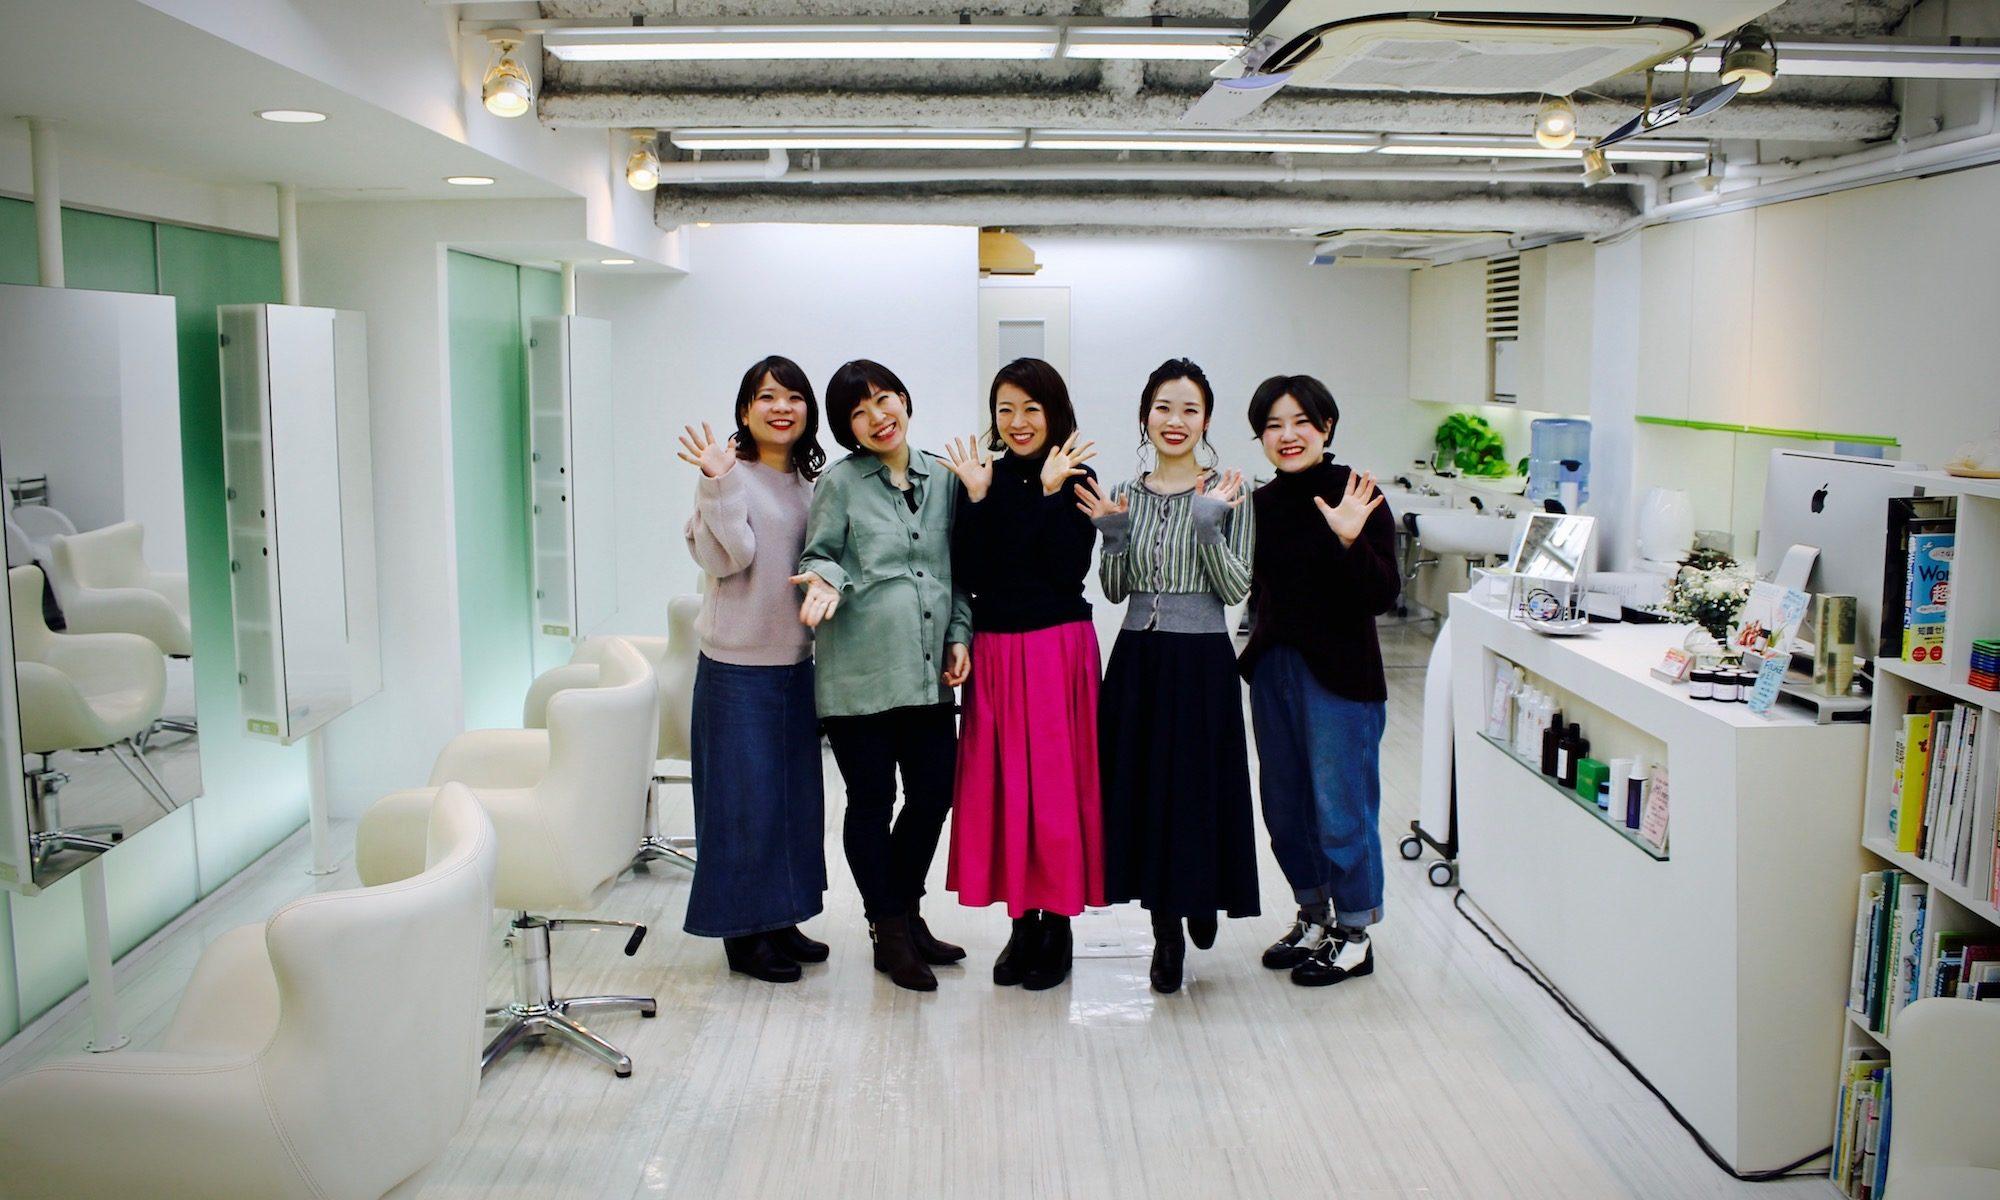 代々木八幡 美容室スプラッシュ・スタッフブログ